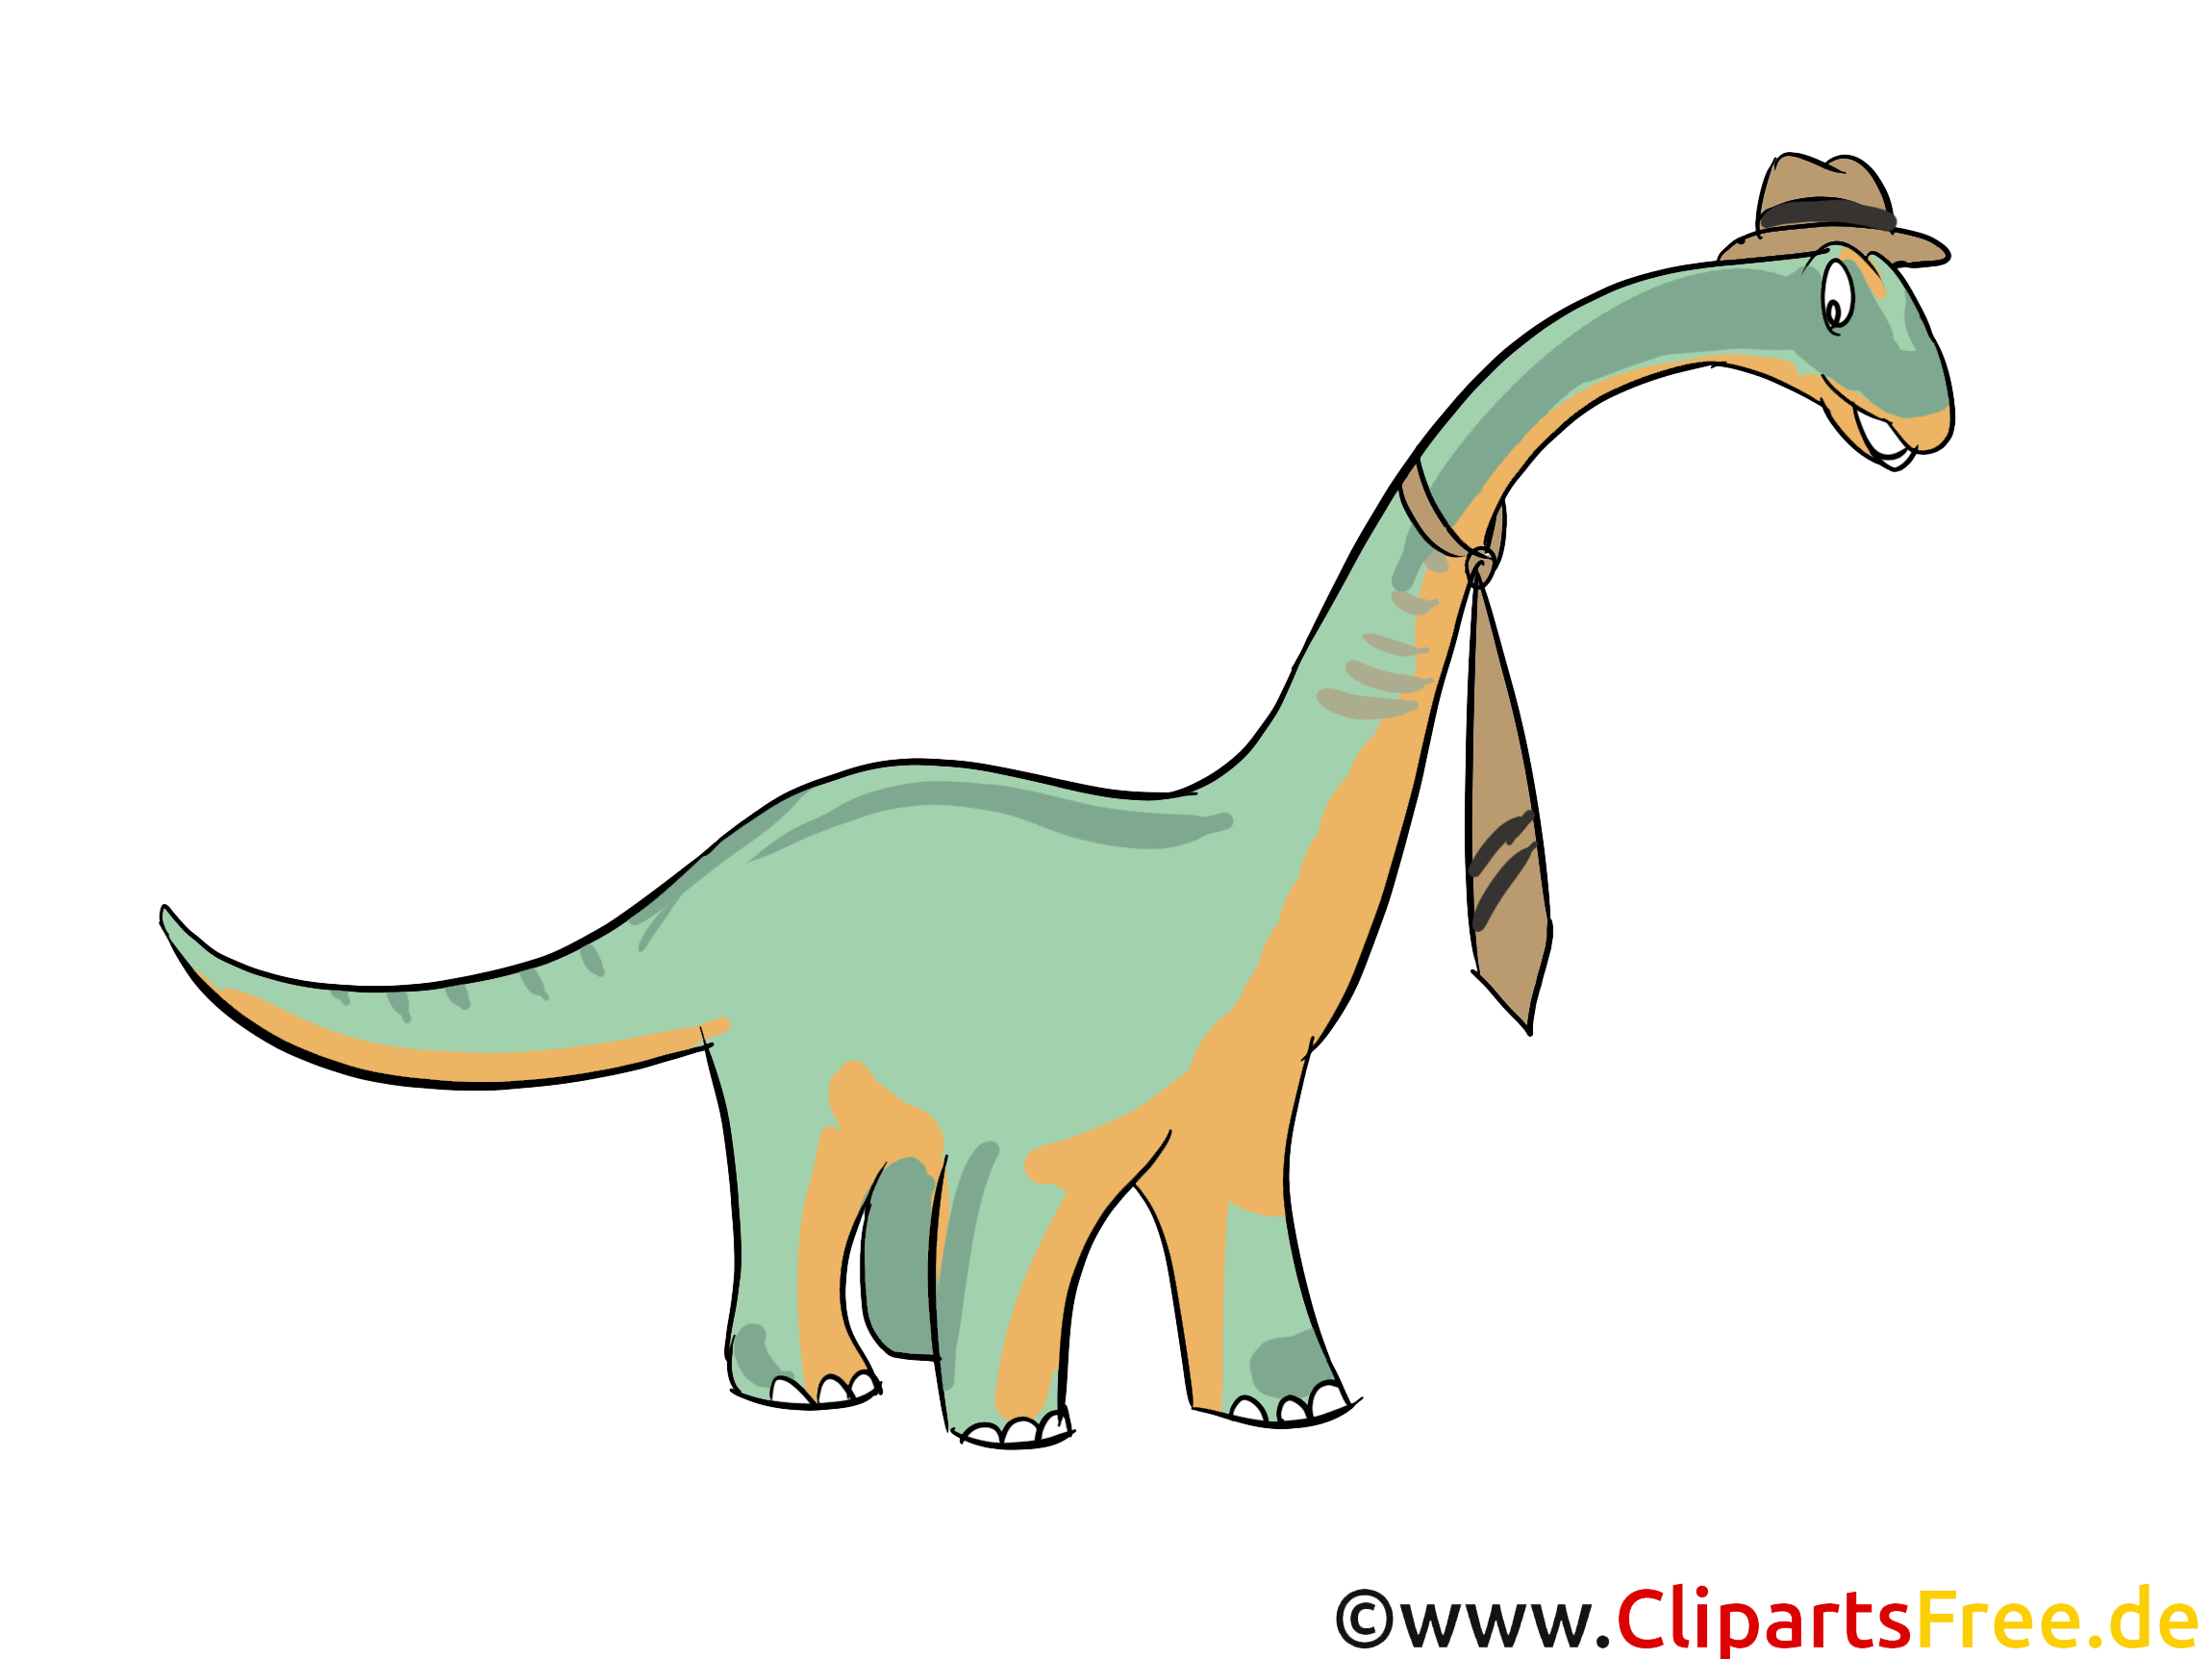 Camarasaurus Bild - Dinosaurierarten Bilder, Cartoons, Illustrationen gratis